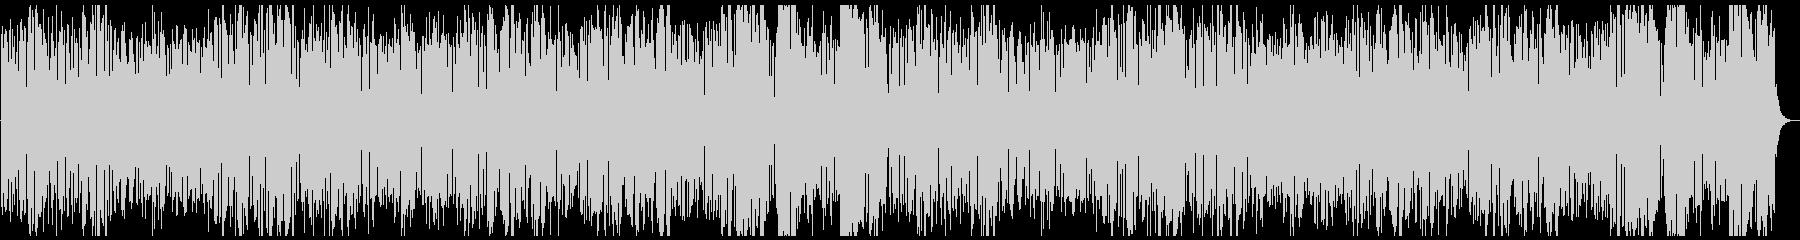 軽快な金管五重奏の未再生の波形